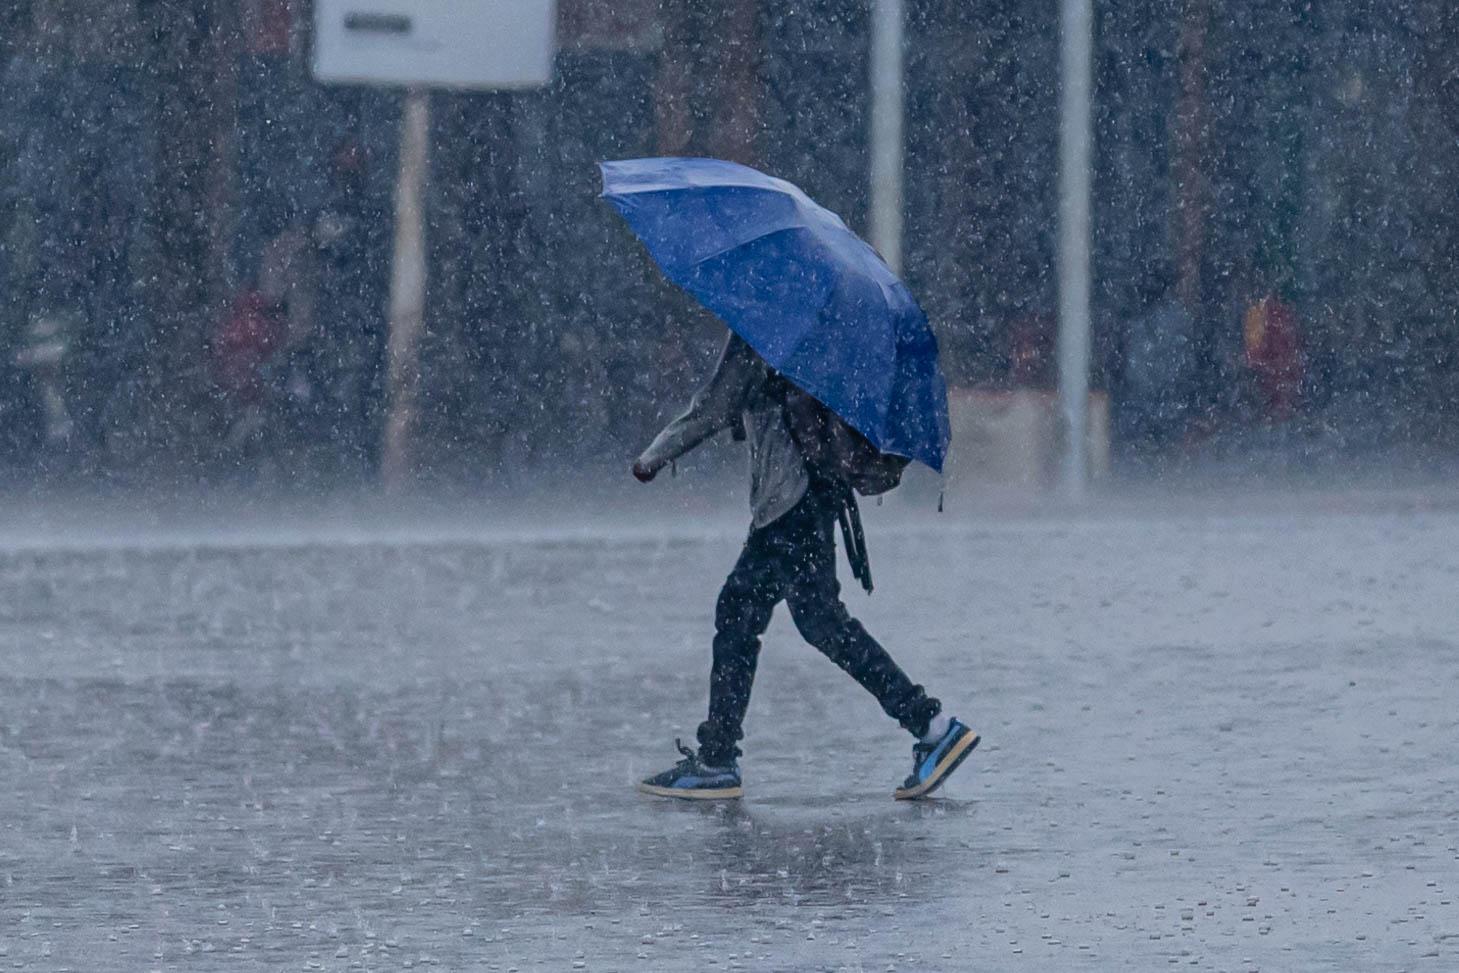 A man walks through heavy rain